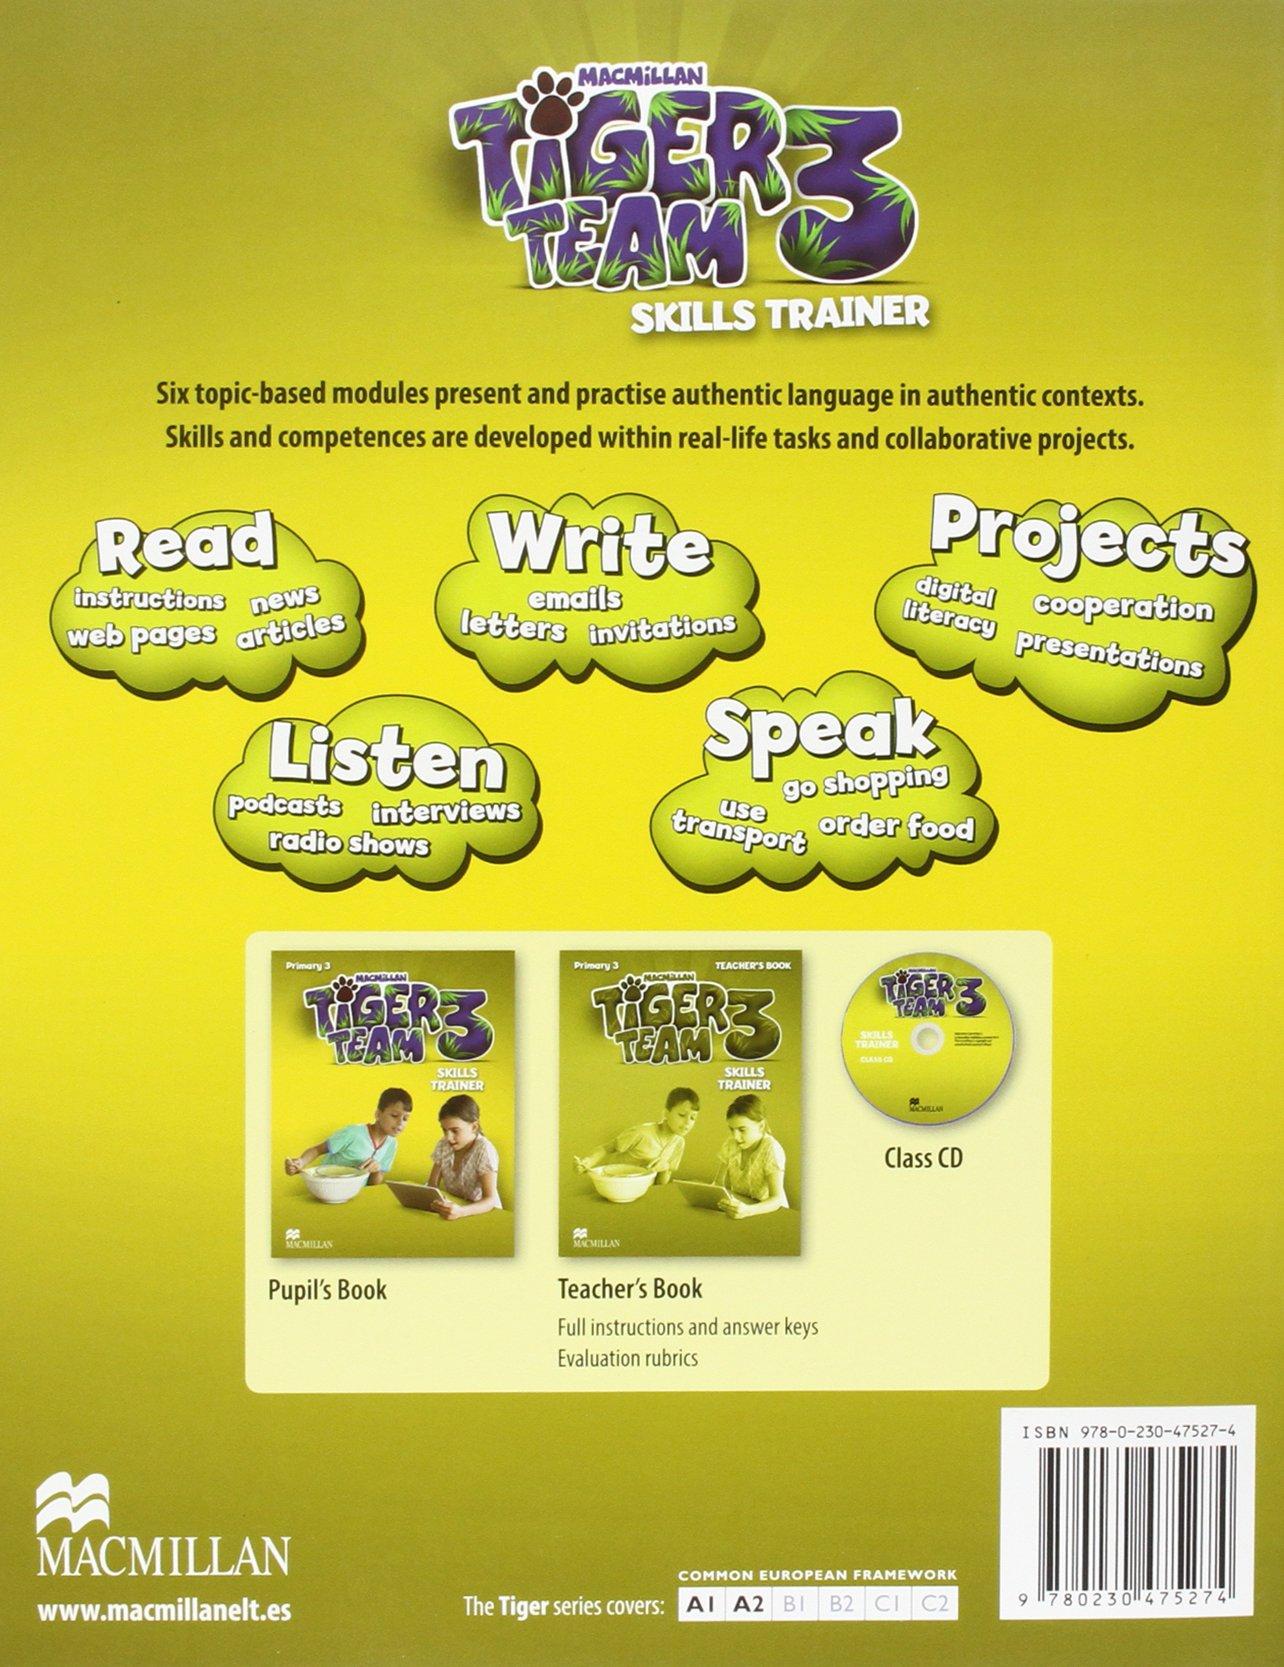 TIGER 3 Ab A Pk 2014 - 9780230475472: Amazon.es: Read, C., Ormerod, M.: Libros en idiomas extranjeros